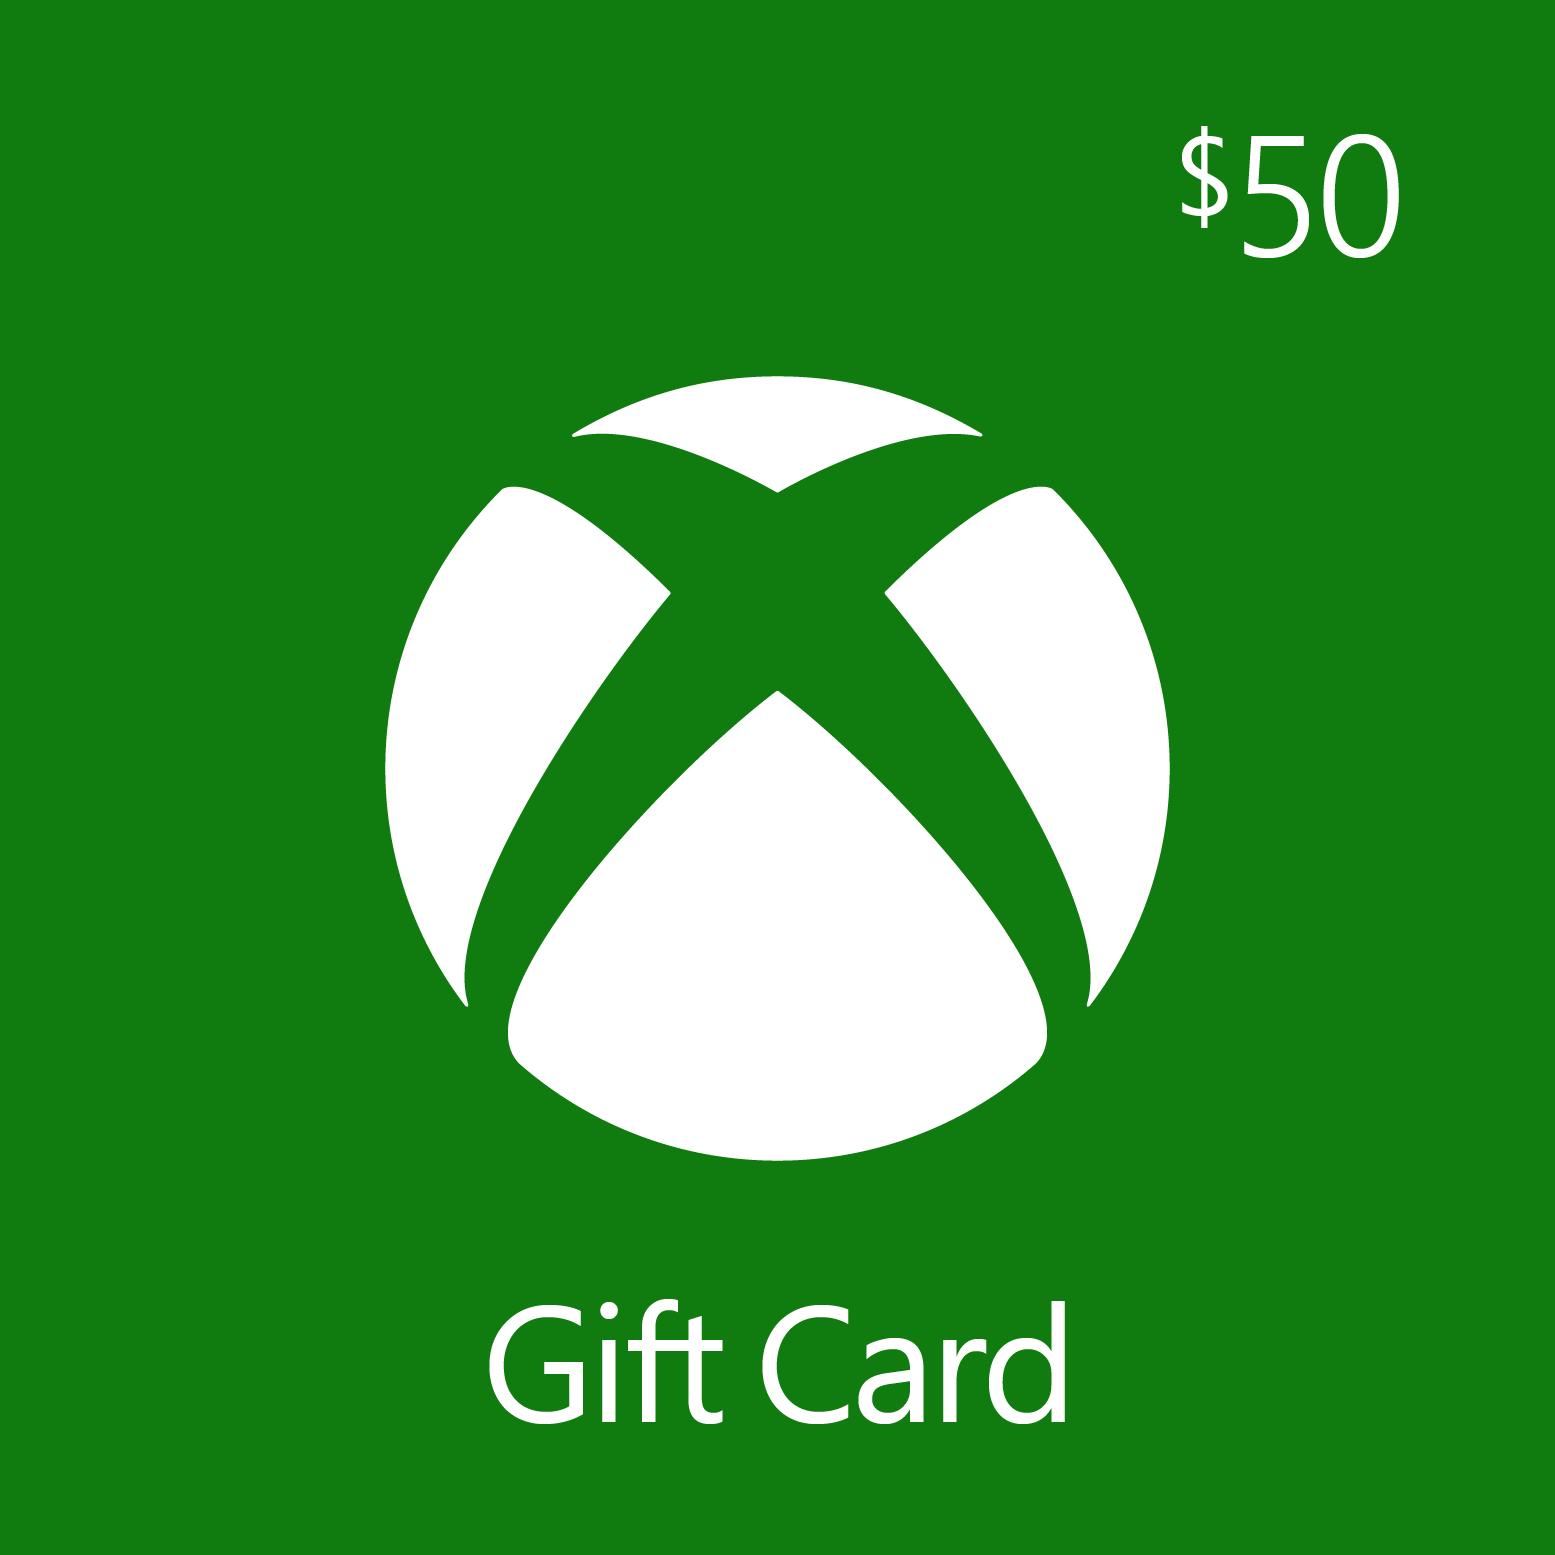 $50.00 Xbox Digital Gift Card